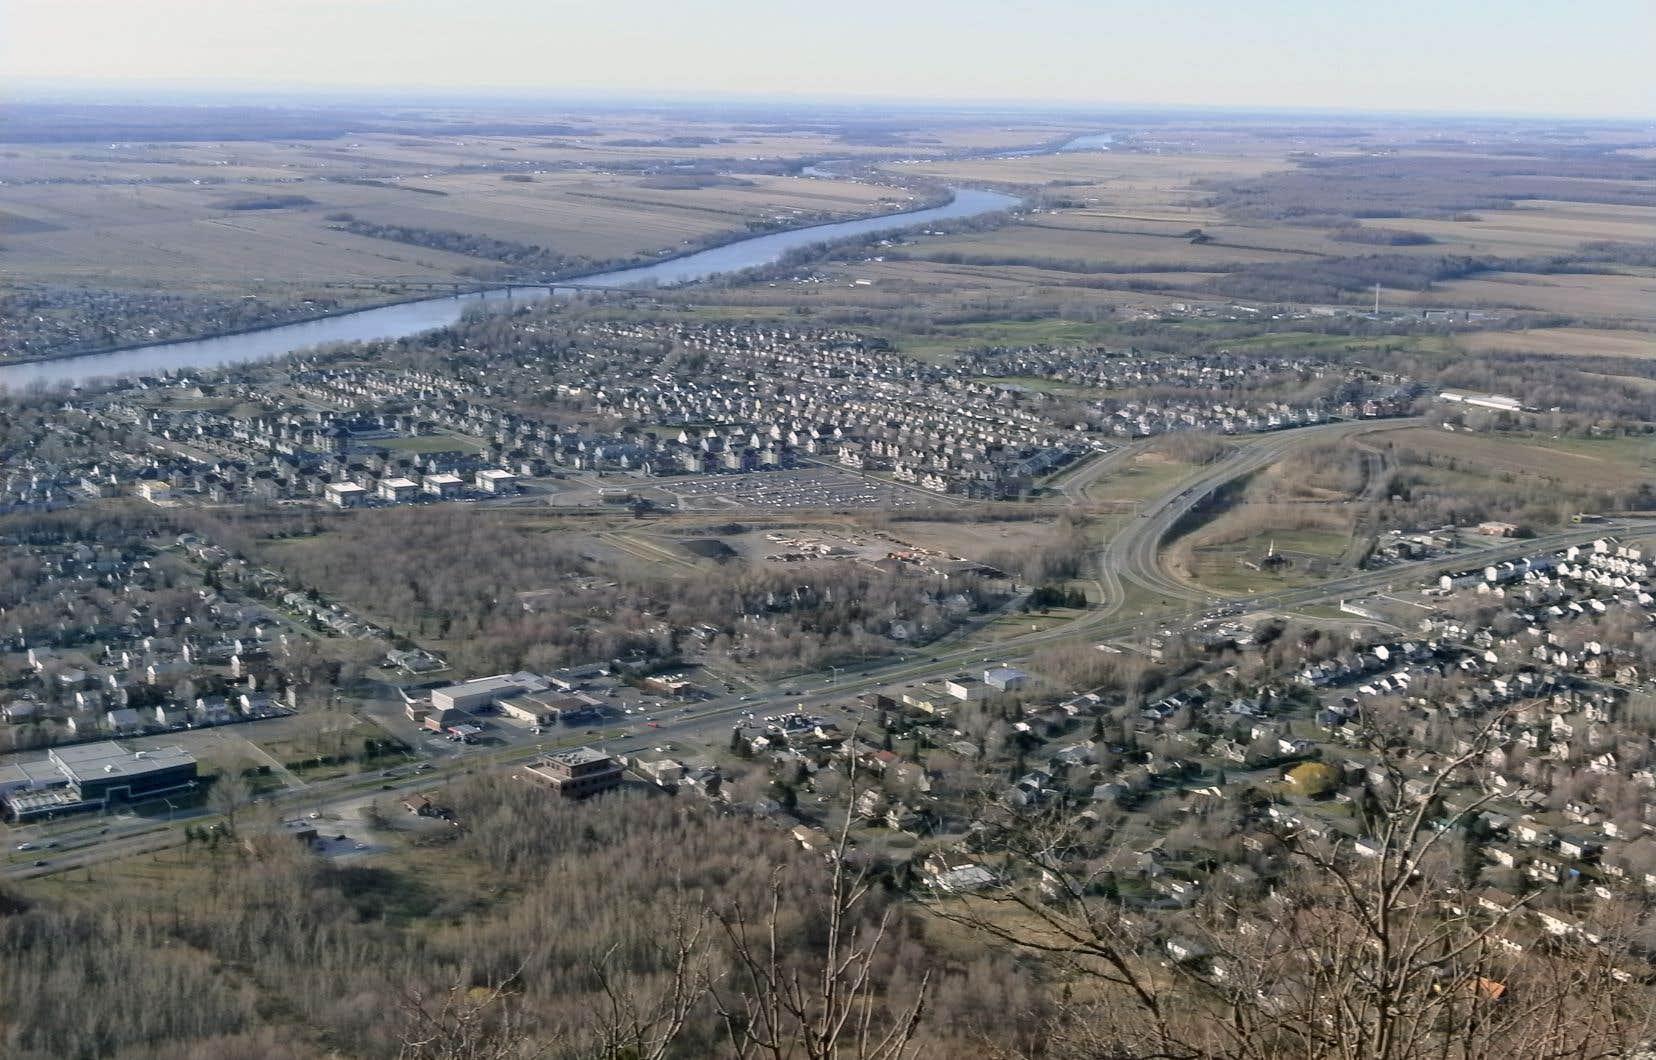 La plupart des MRC au Québec souhaitent préserver et développer le territoire agricole, affirment les signataires.